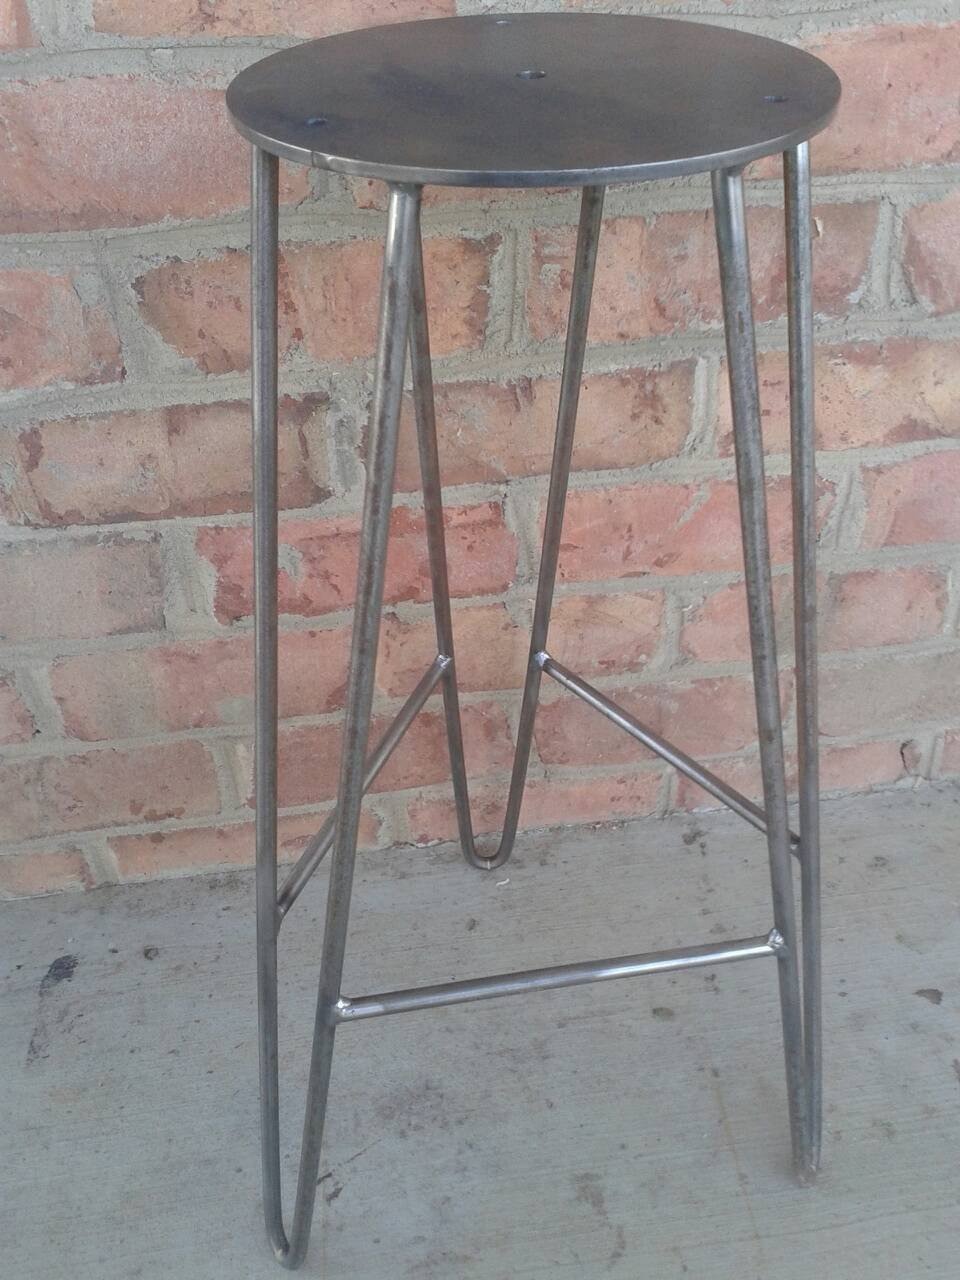 DIY Steel Hairpin Bar Stool Base